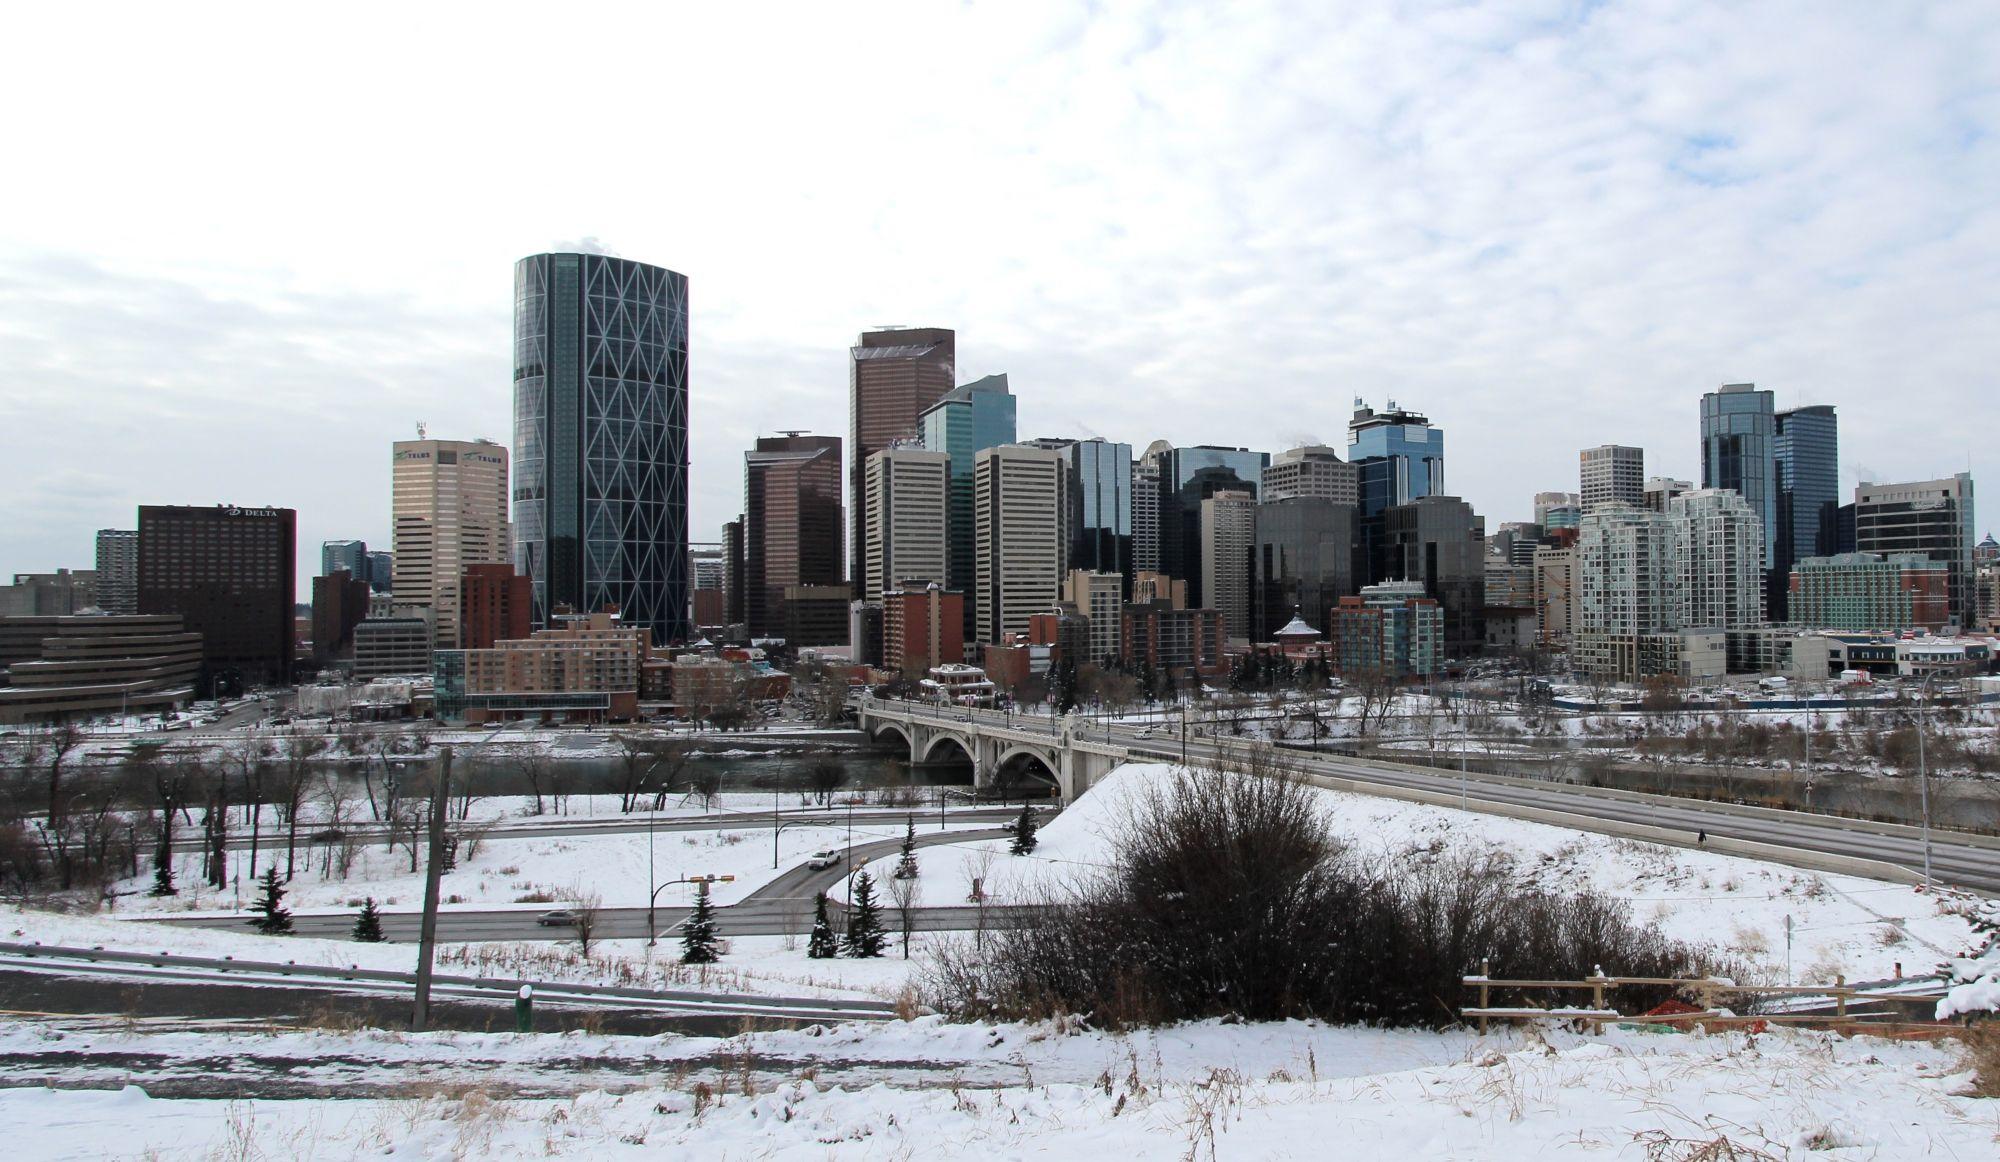 Le cadavre d'un nourrisson découvert dans un lieu public à Calgary